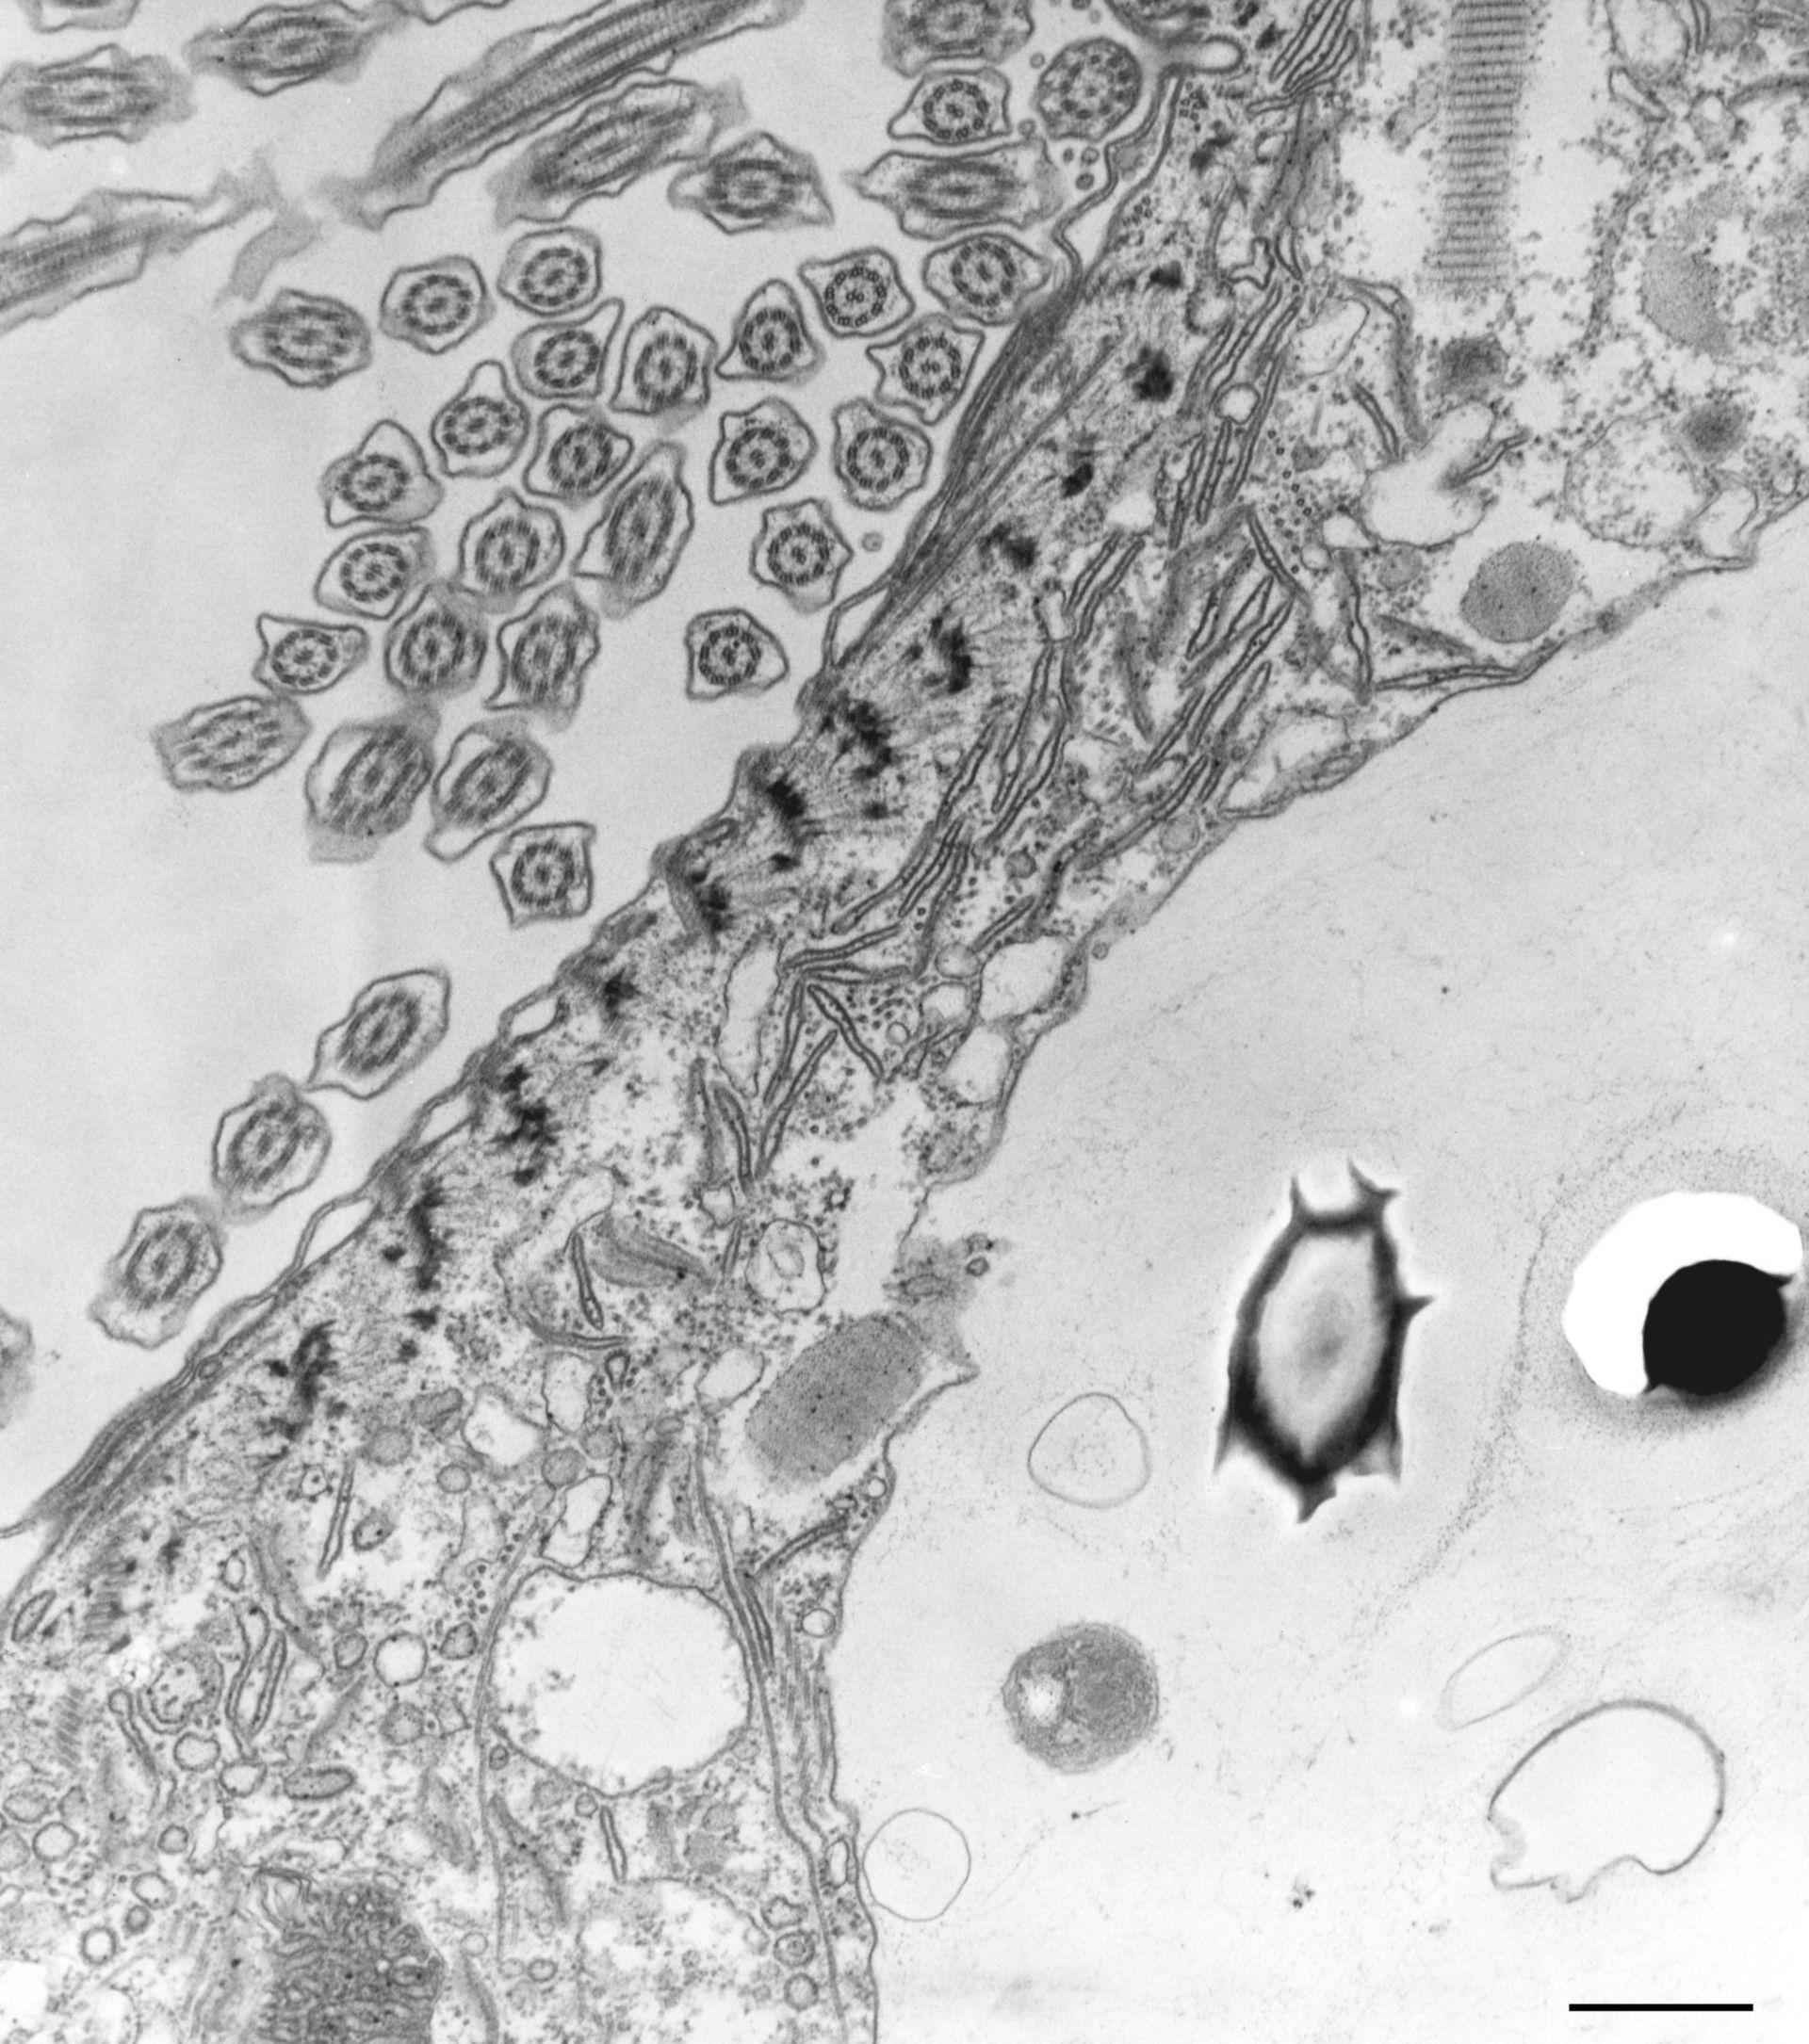 Paramecium caudatum (Endosoma) - CIL:36789